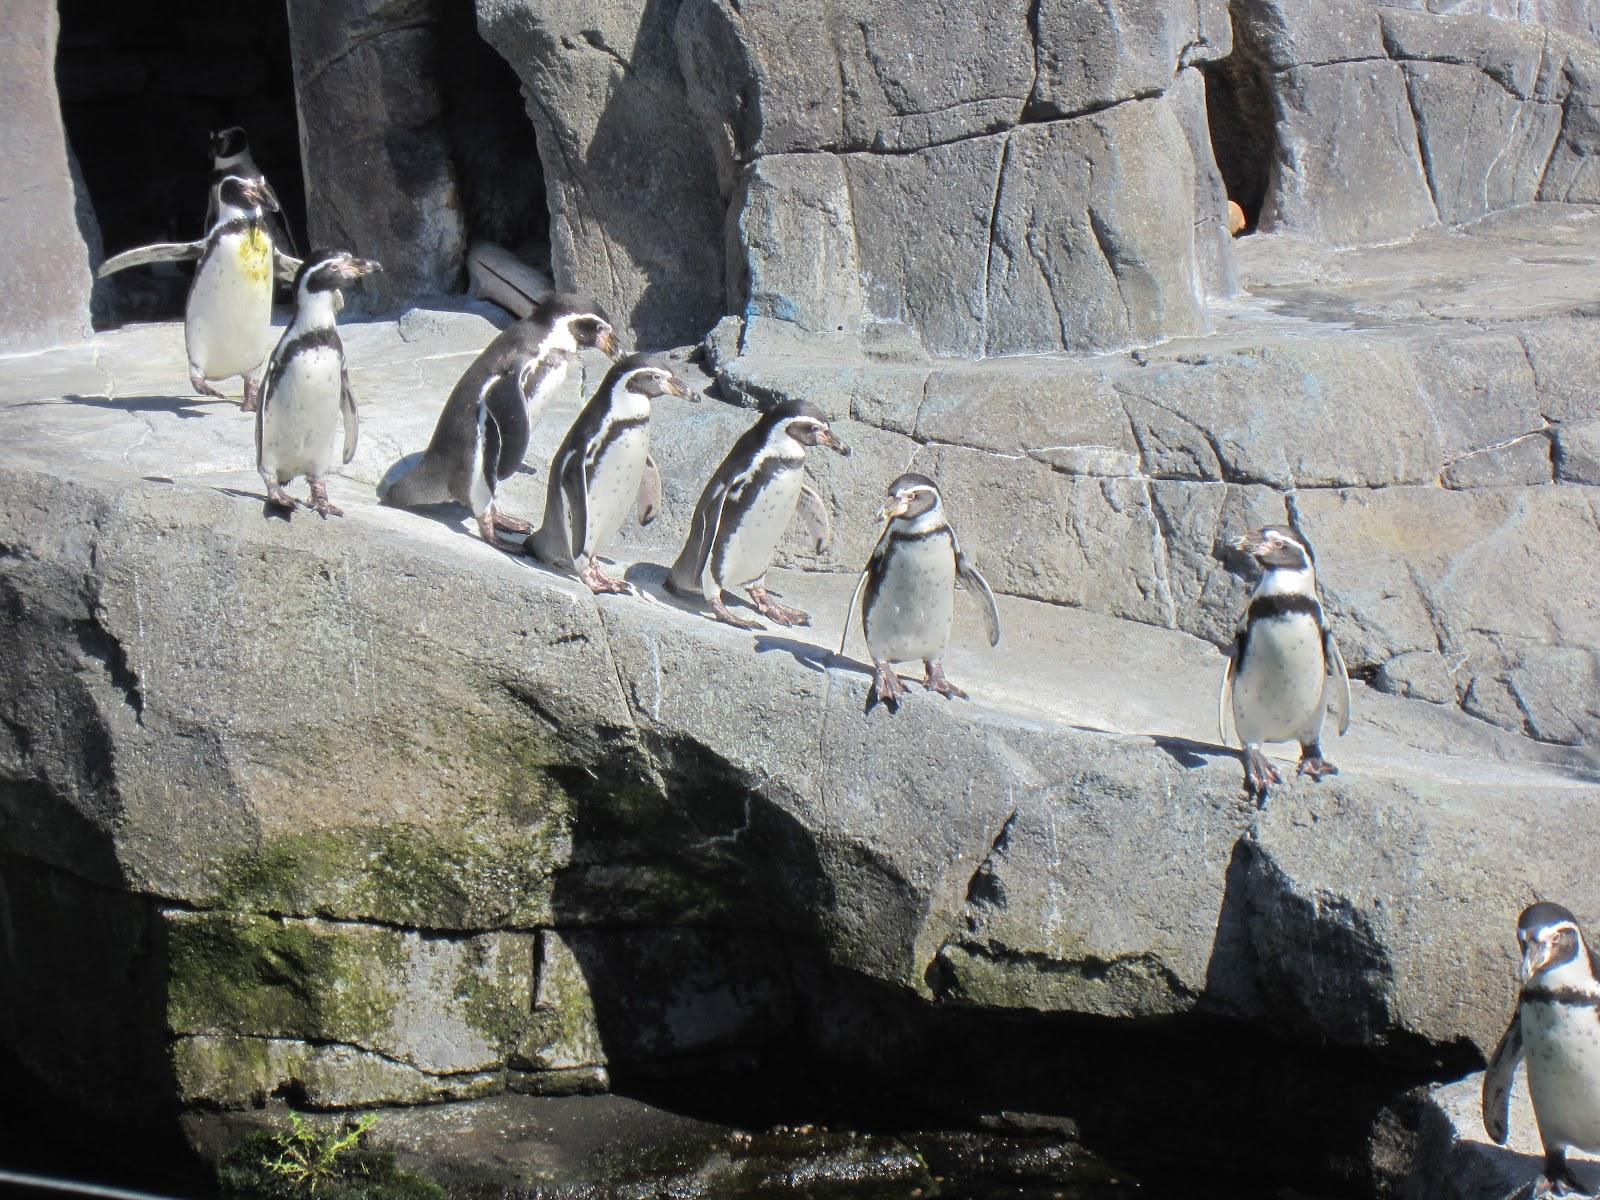 årskort til ålborg zoo massagepiger slagelse